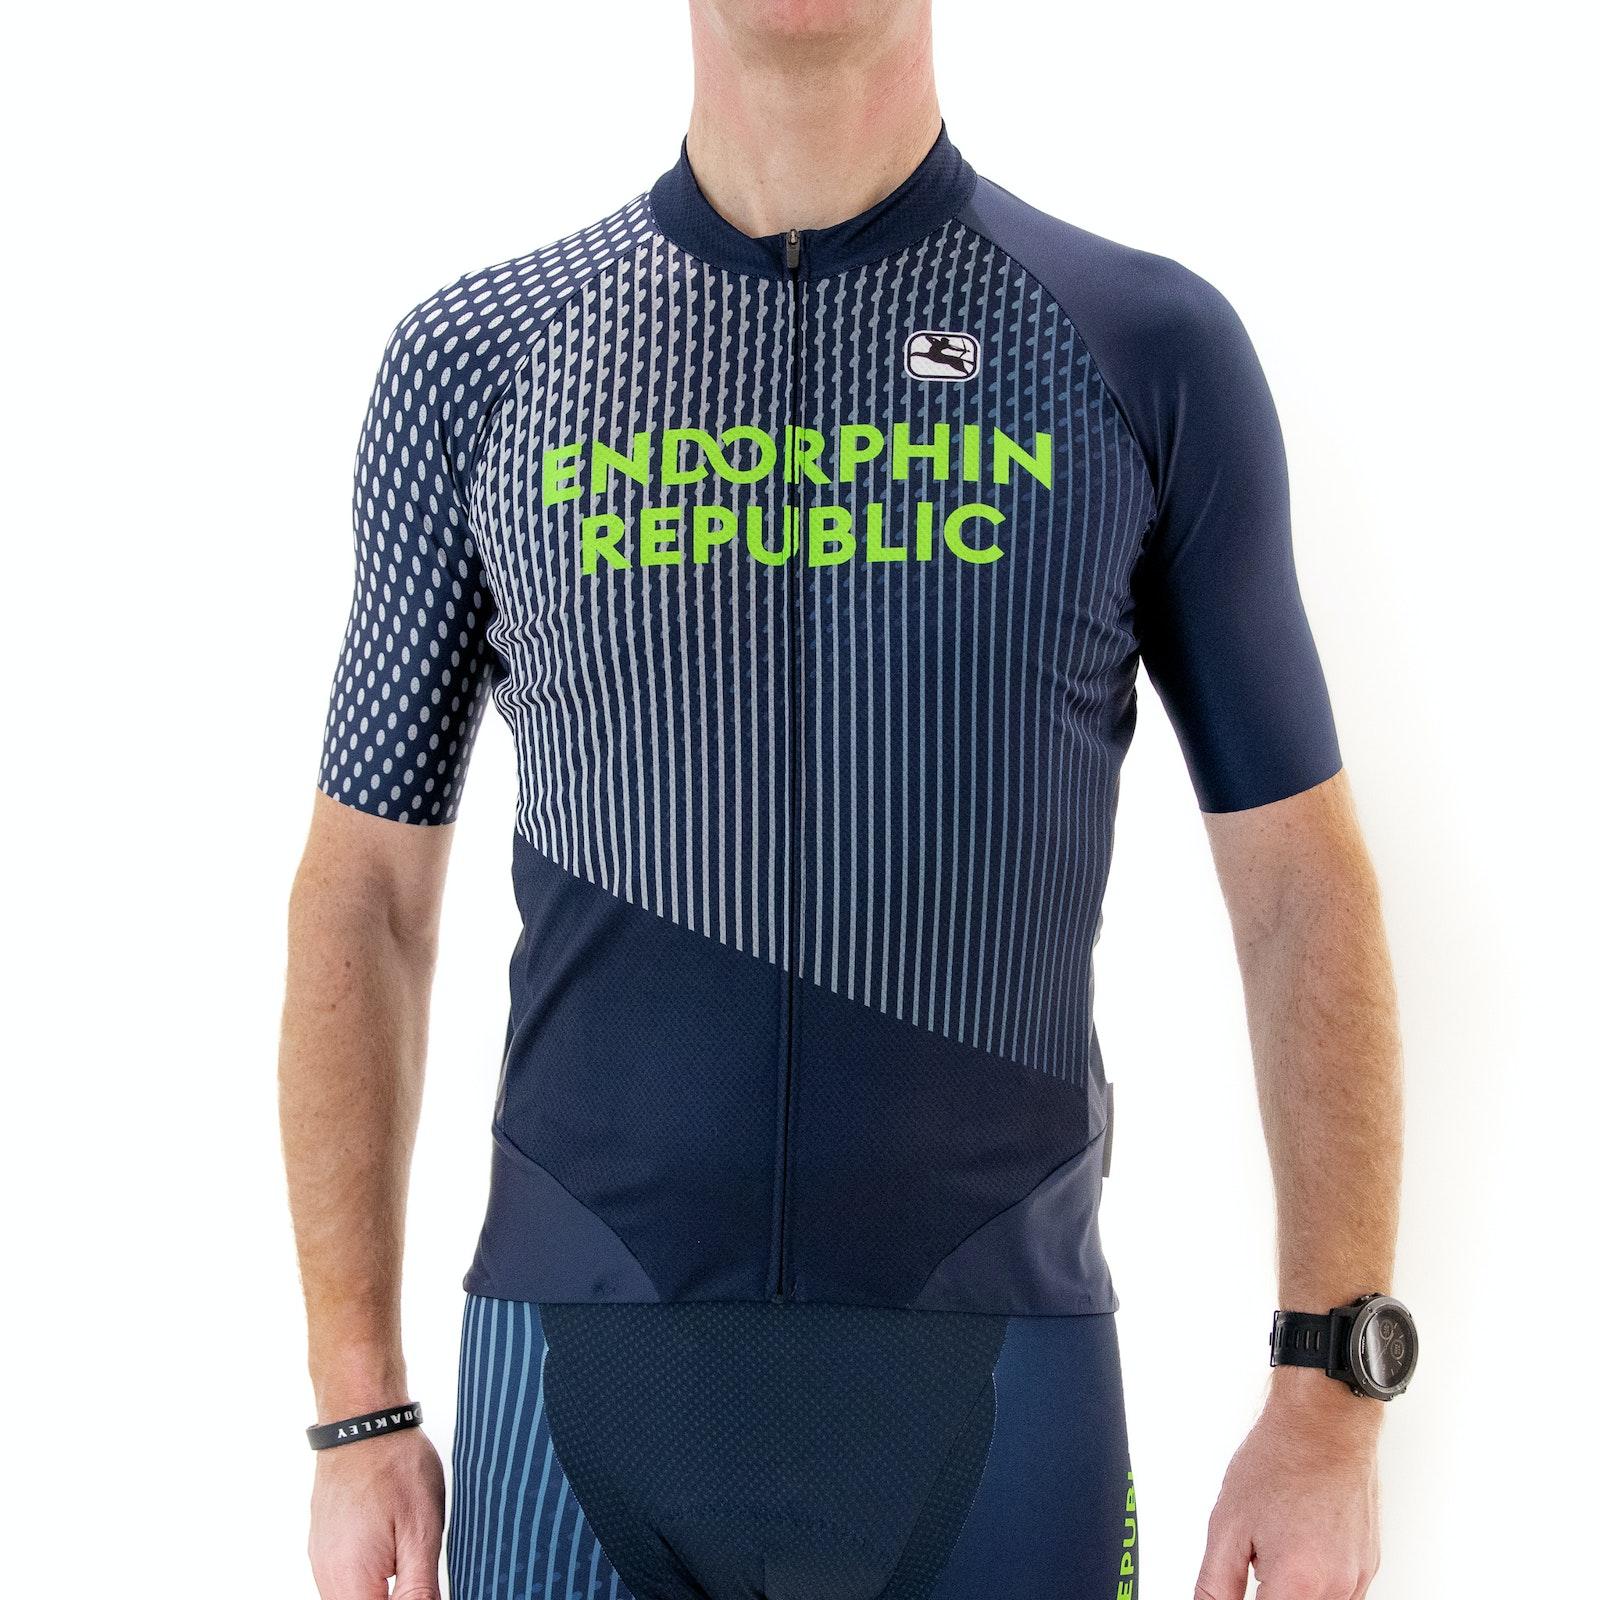 Endorphin Republic Giordana Scatto Pro S/S Jersey